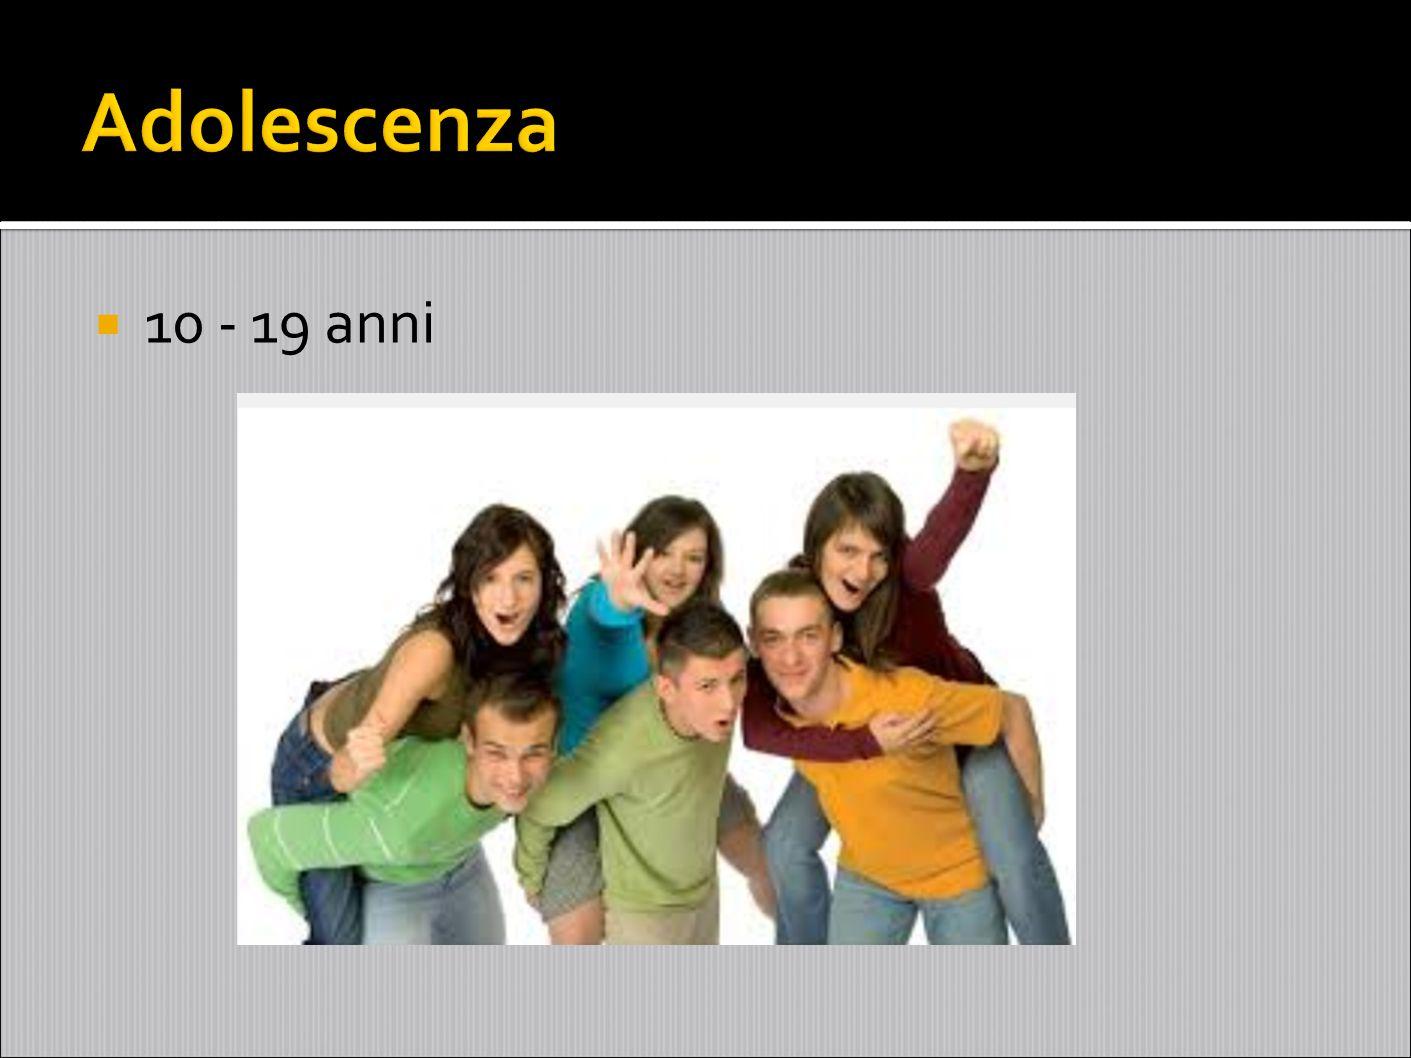 Adolescenza 10 - 19 anni